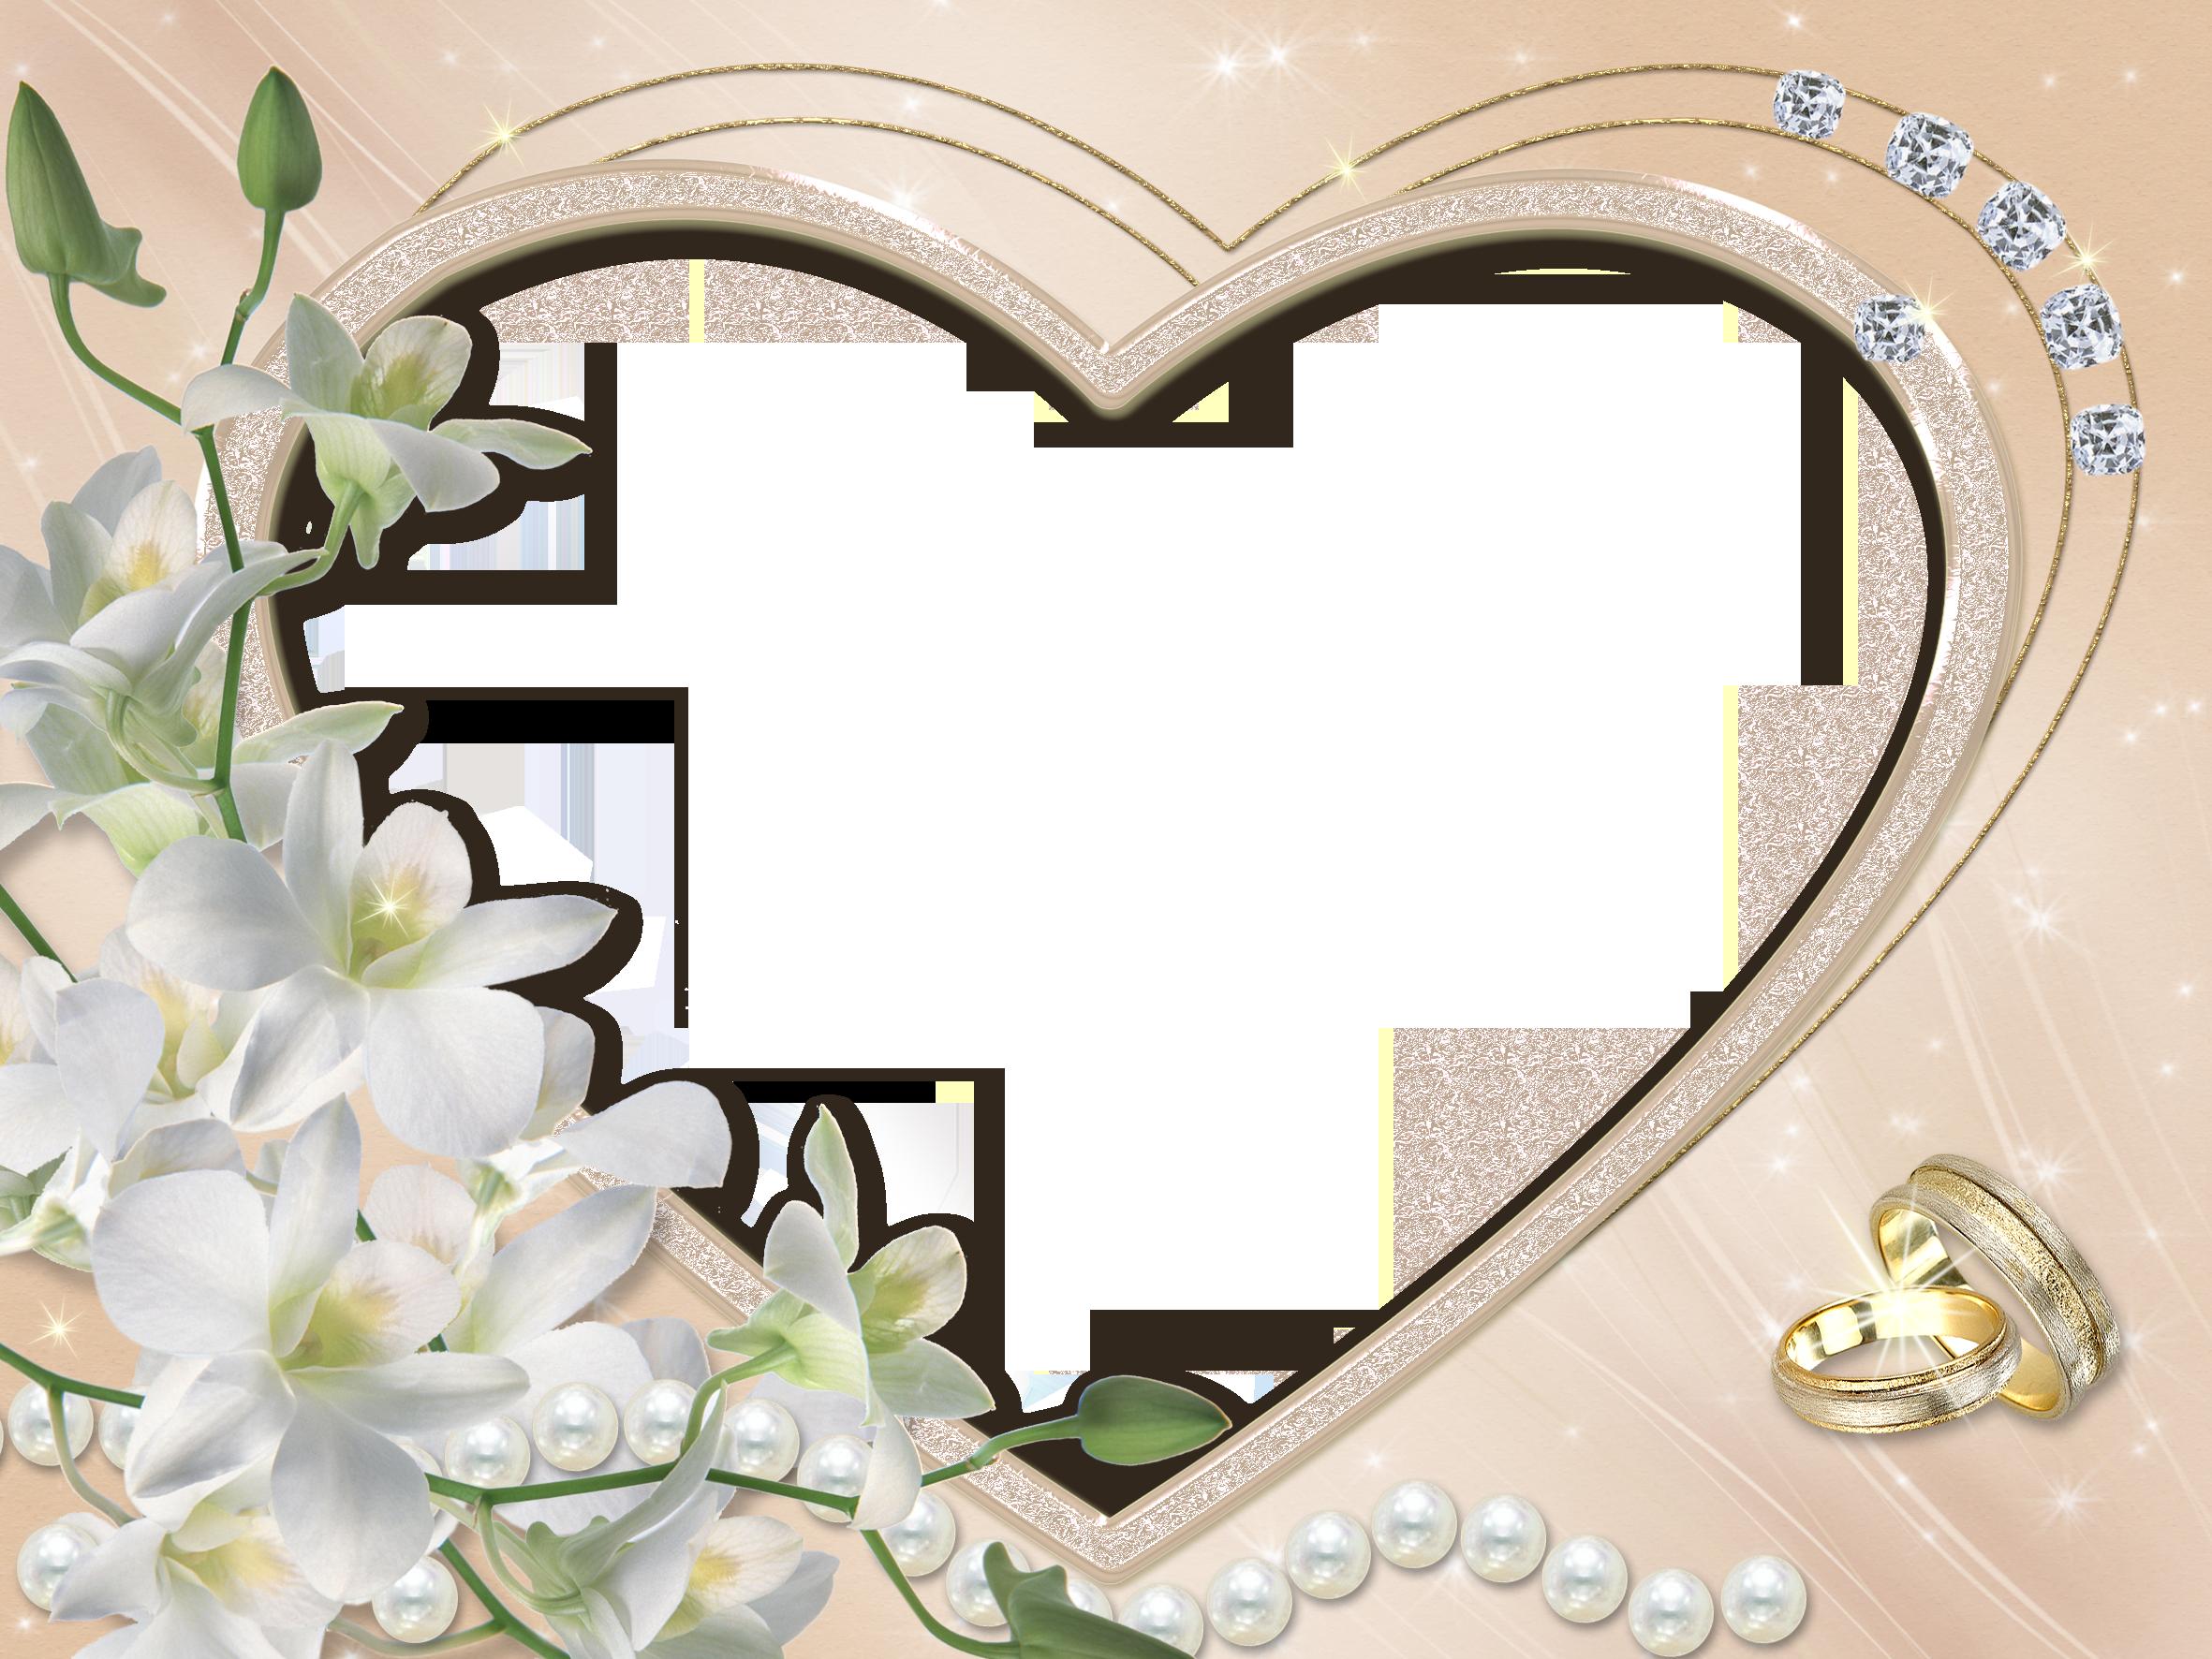 Clipart heart wedding clip art Heart Wedding Flower Transparent Frame | Gallery Yopriceville ... clip art